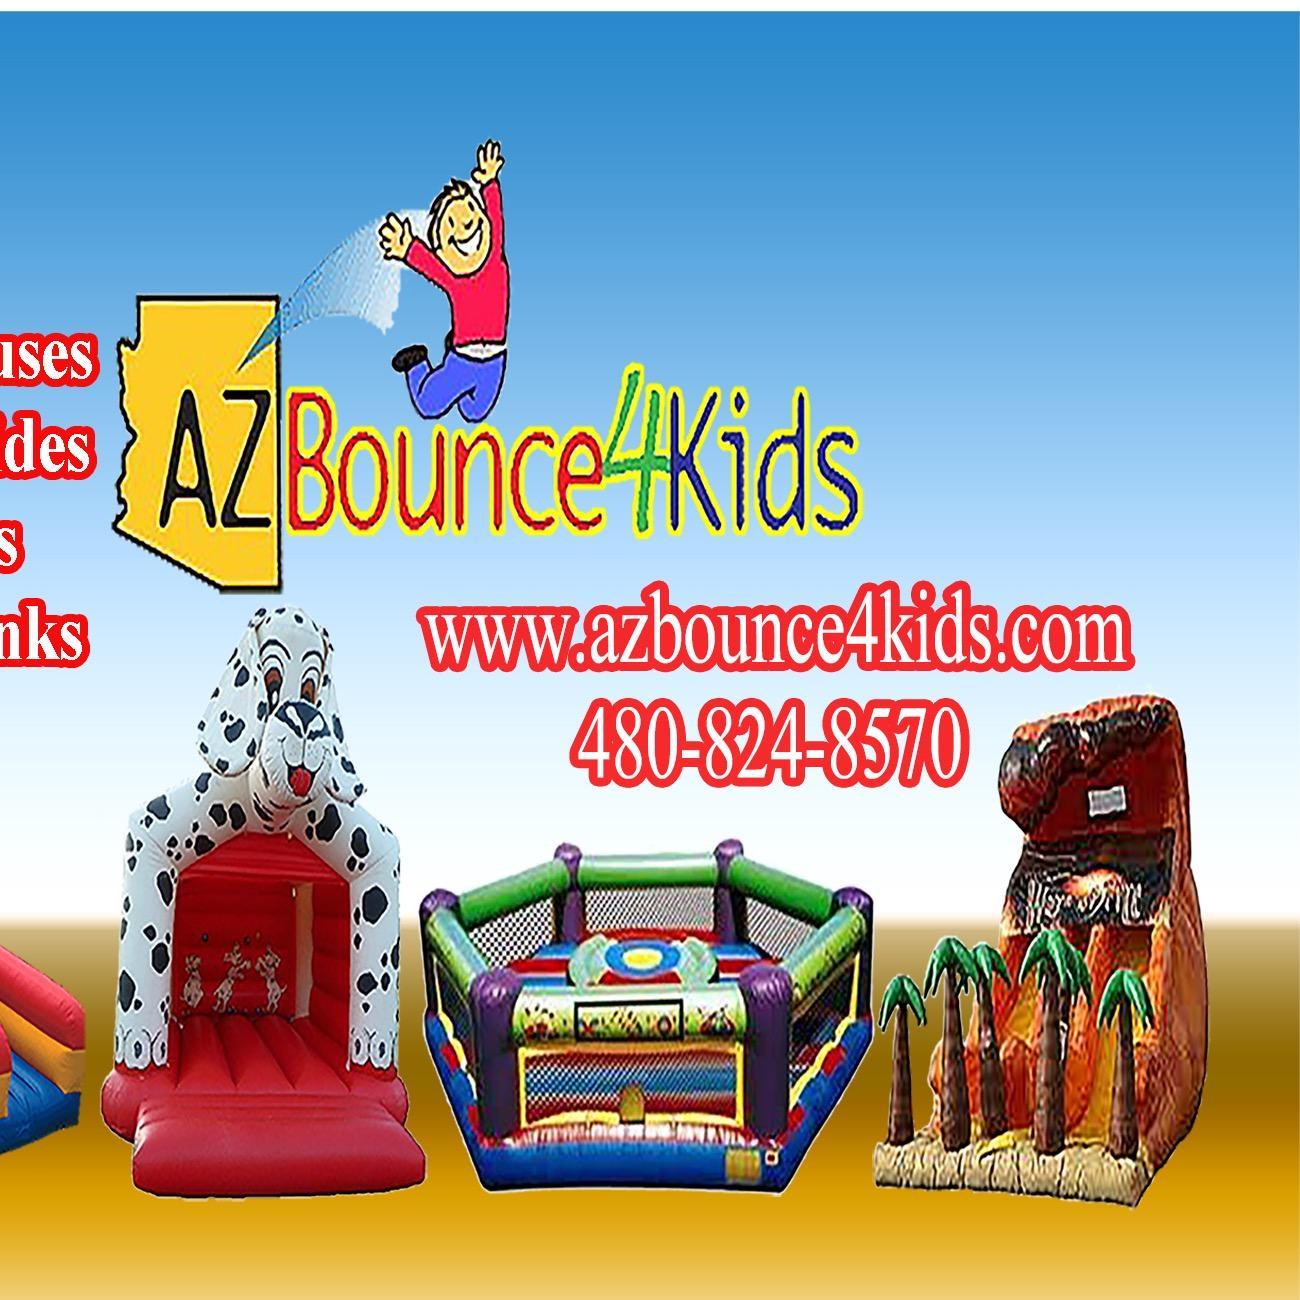 AZ Bounce 4 Kids,LLC